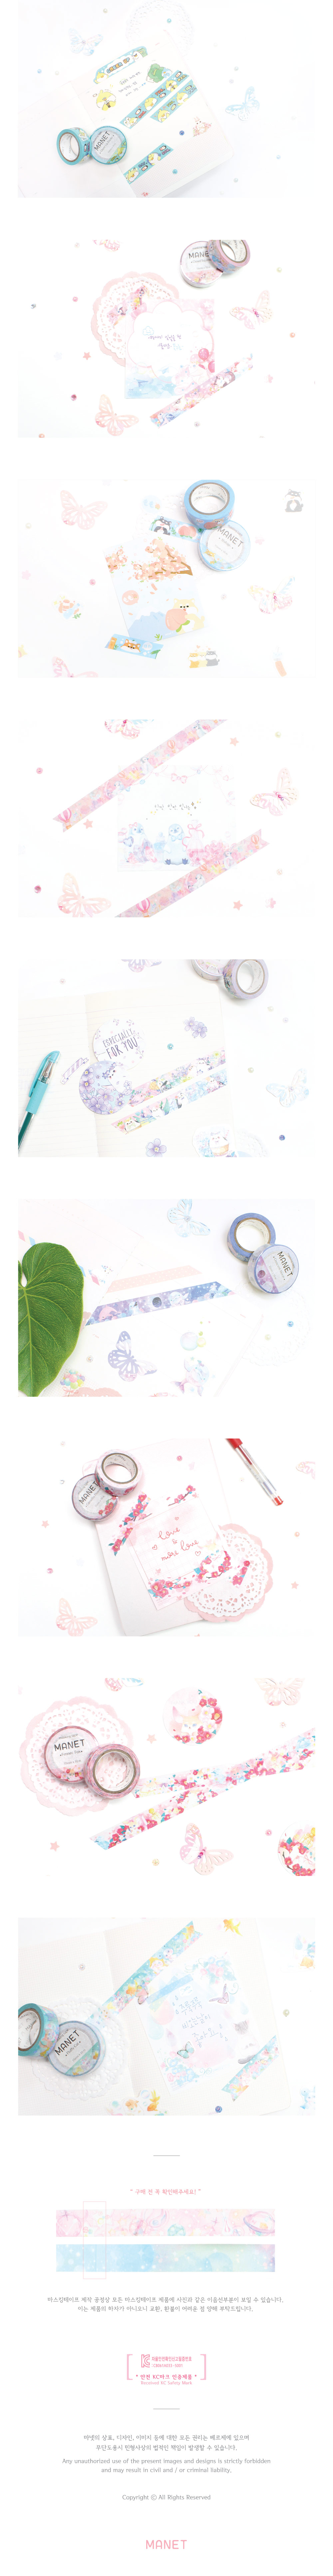 마넷 마스킹테이프 - 2018 New Masking Tape ver.01 - 마넷, 3,500원, 마스킹 테이프, 종이 마스킹테이프